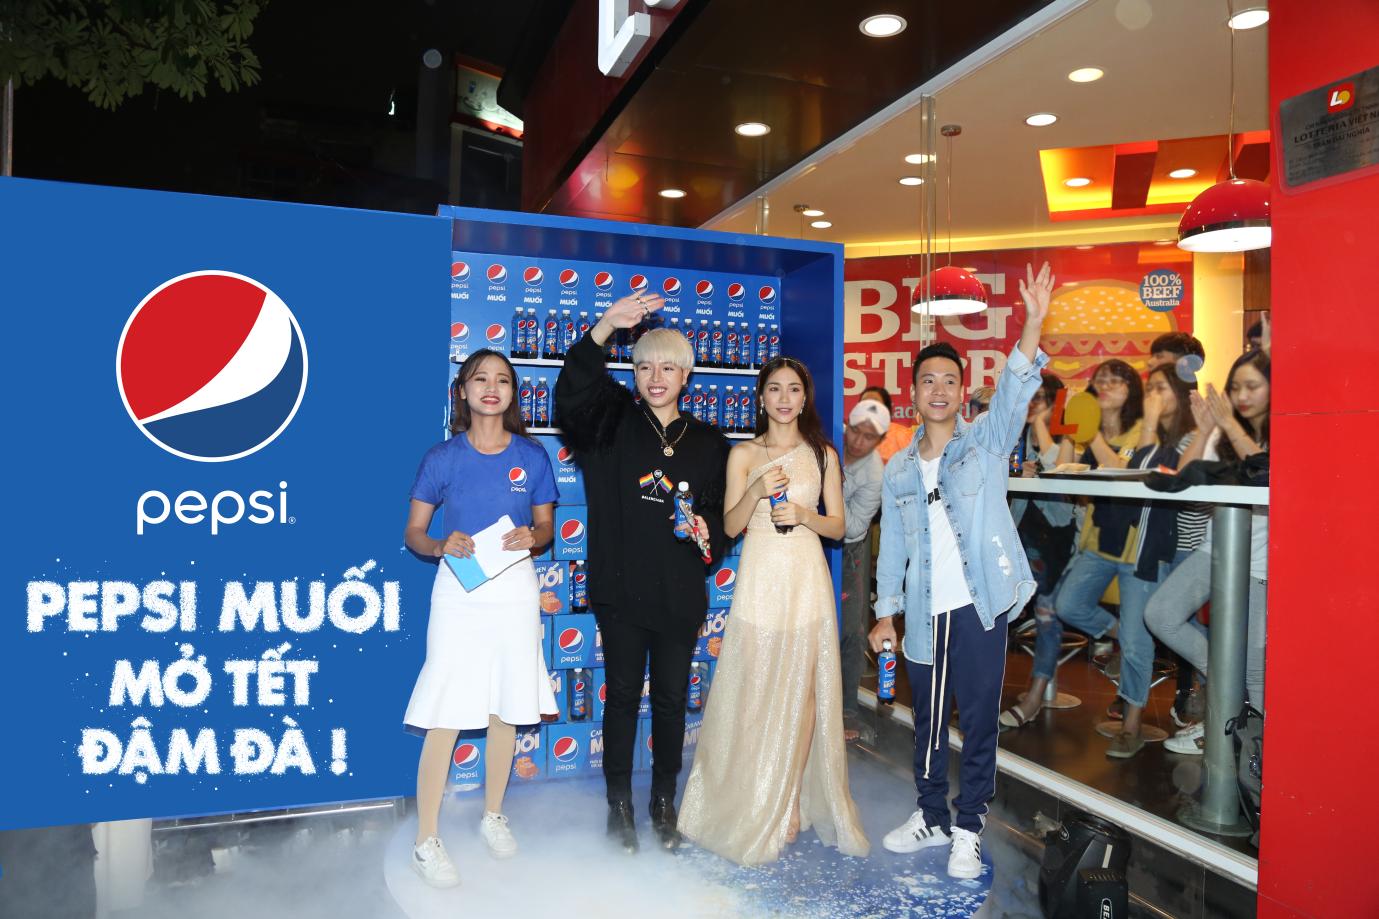 """Pepsi Muối truyền cảm hứng """"Mở Tết đậm đà"""": Giới trẻ Việt không còn lo Tết nhạt - Ảnh 7."""